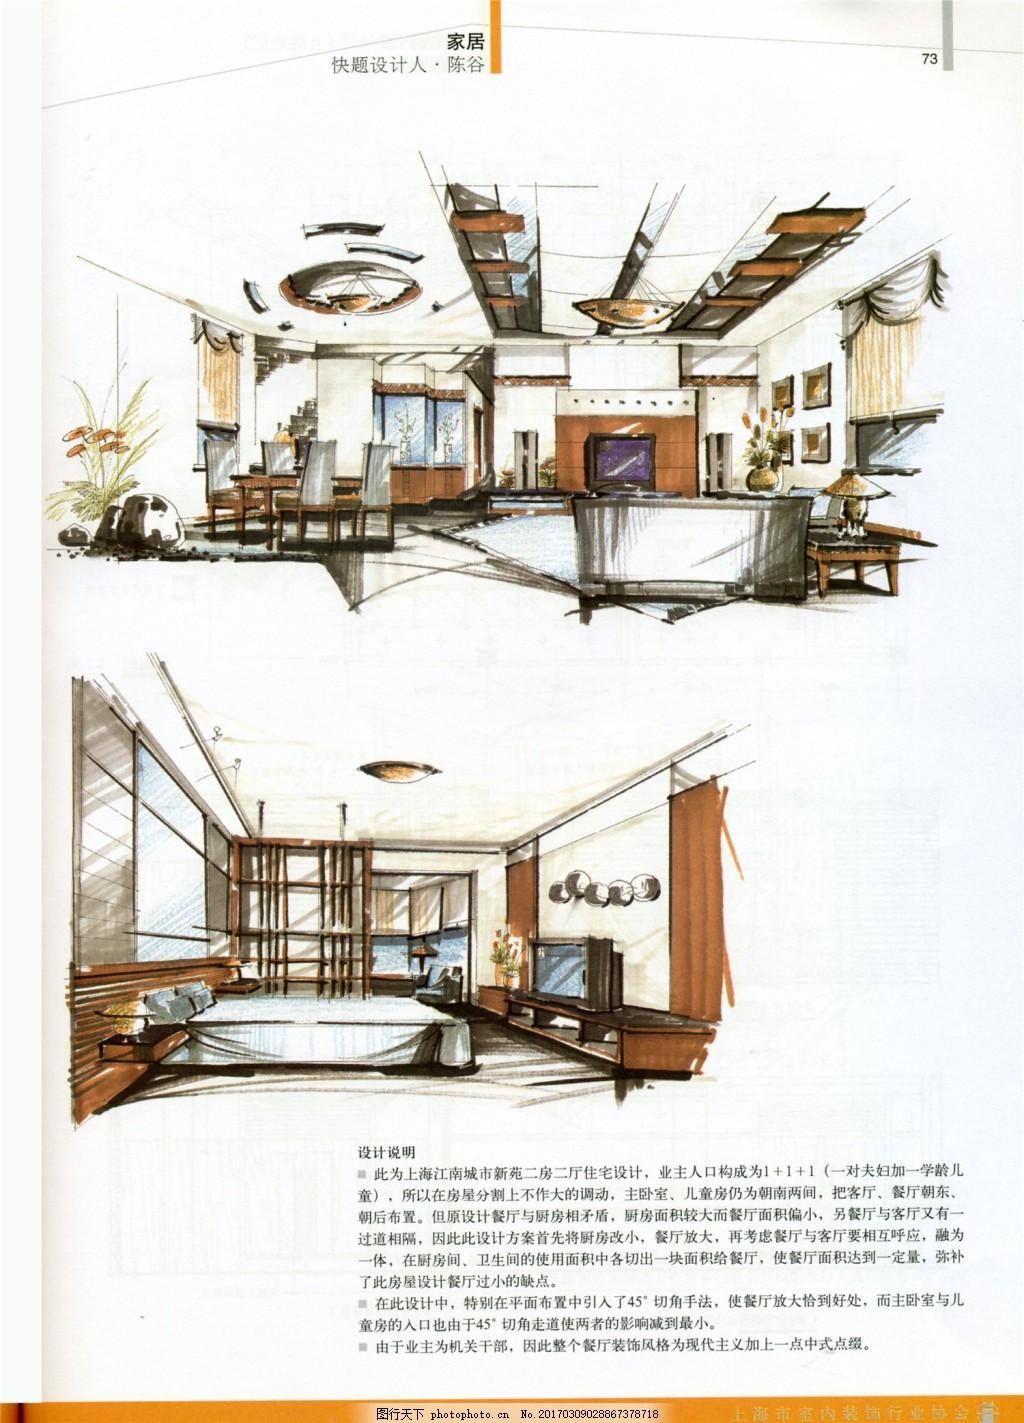 酒店室内装修效果图 室内设计 工装效果图 工装平面图 施工图 工装